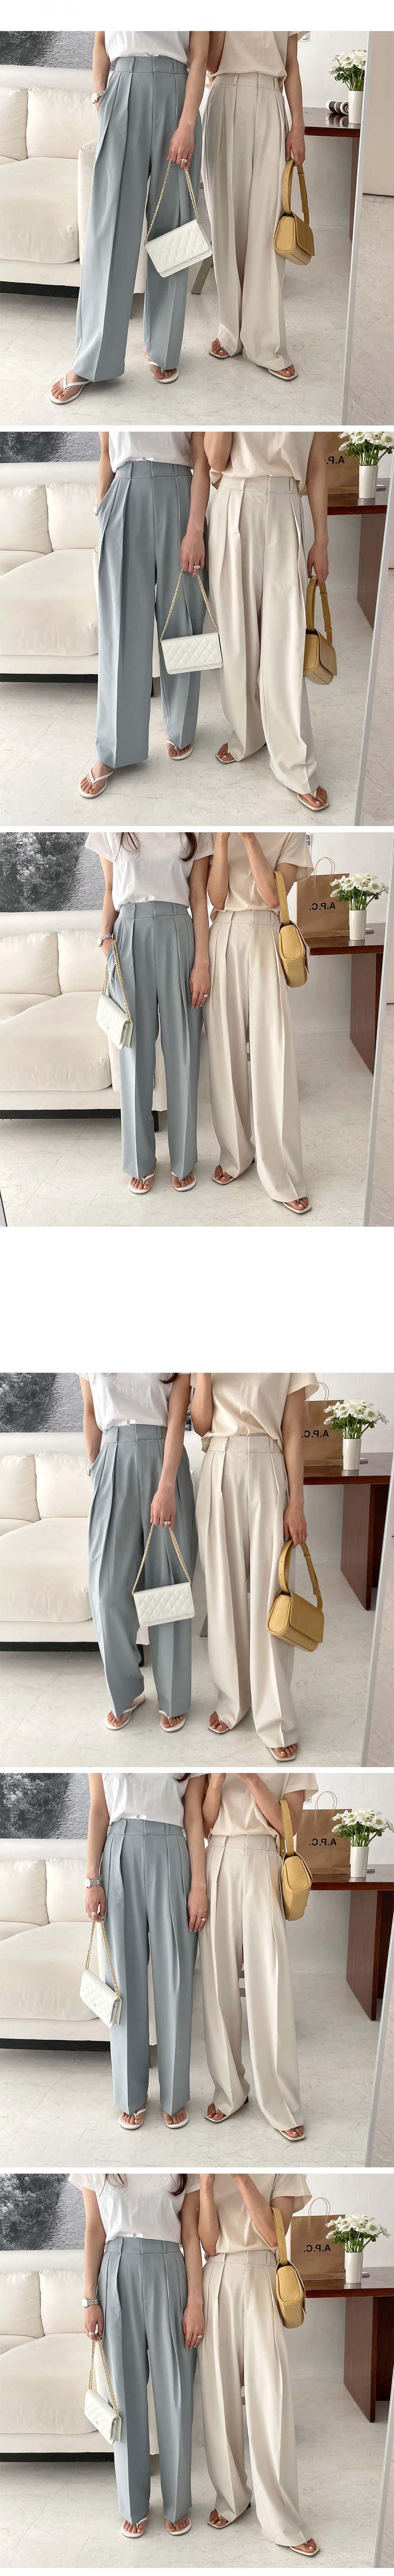 H8e0ff501e76e4620b45e833ef0b95ca8I - Summer Korean High Waist Loose Folds Wide Leg Solid Suit Pants